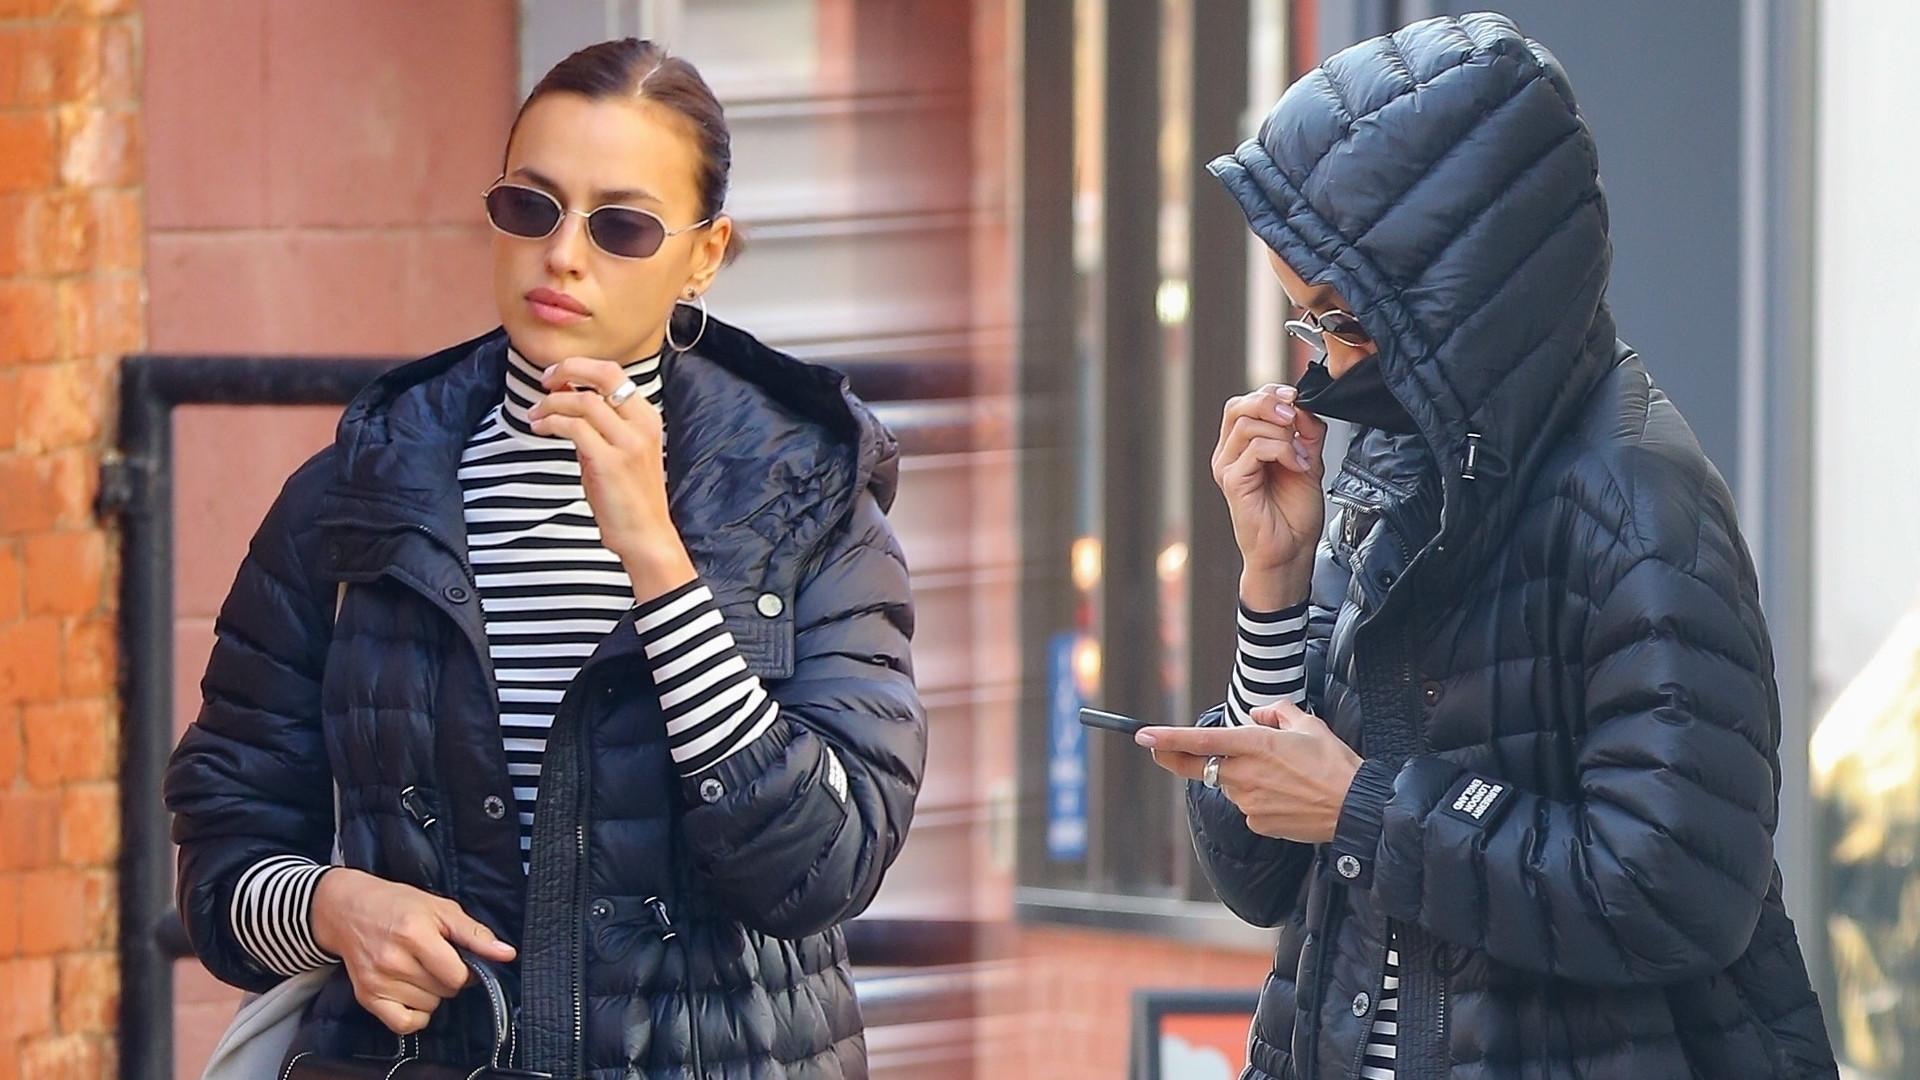 Gdybyś założyła takie buty jak Irina Shayk, ludzie oglądaliby się za tobą na ulicy (ZDJĘCIA)